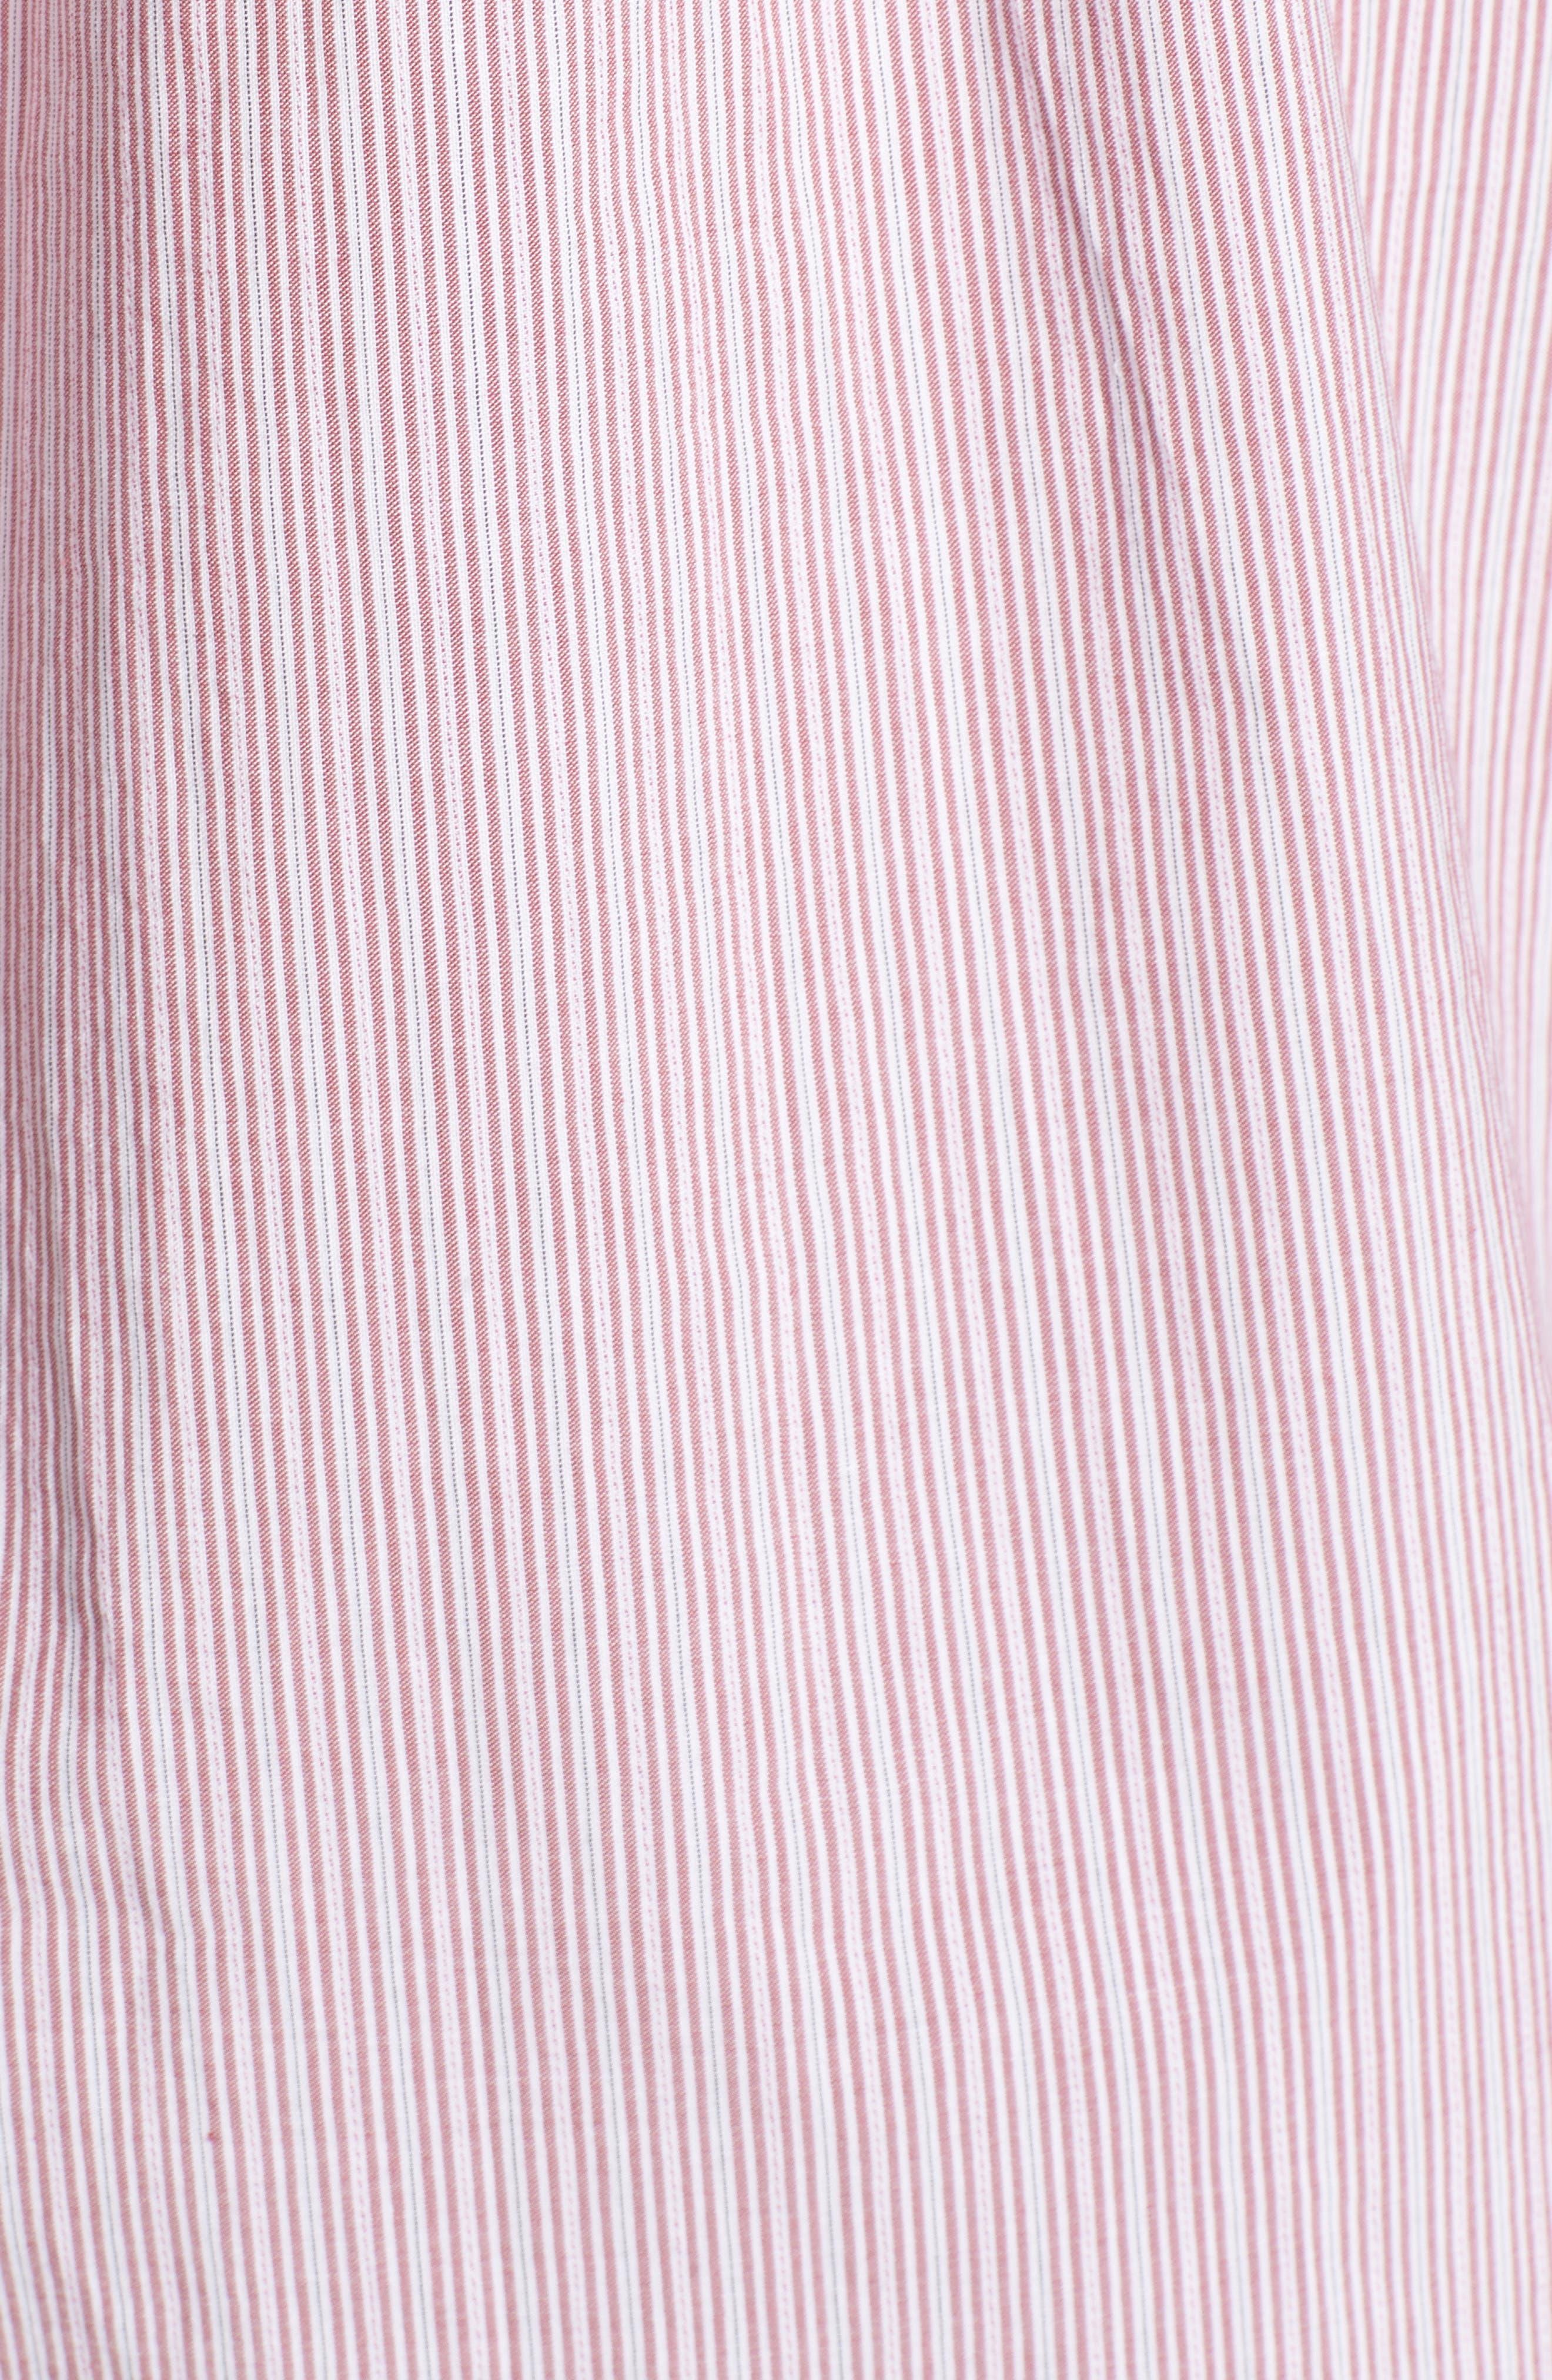 Stripe Shirt,                             Alternate thumbnail 5, color,                             938